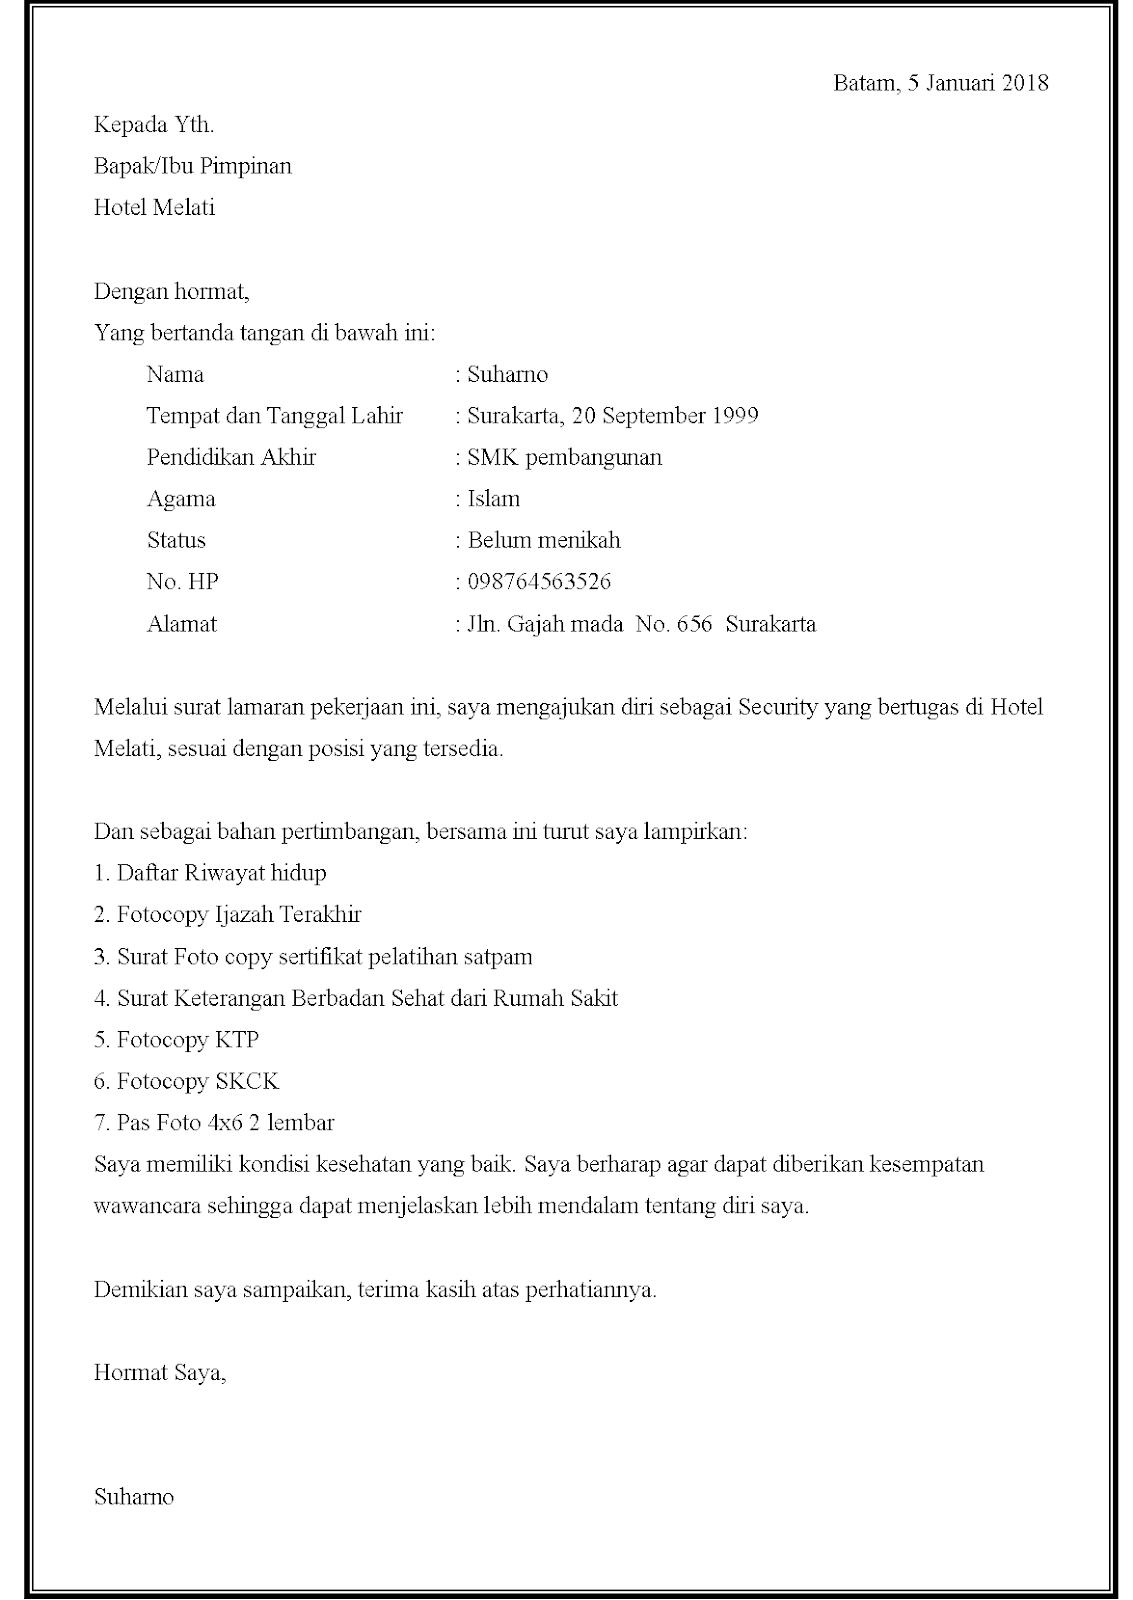 Contoh surat lamaran kerja security di hotel.